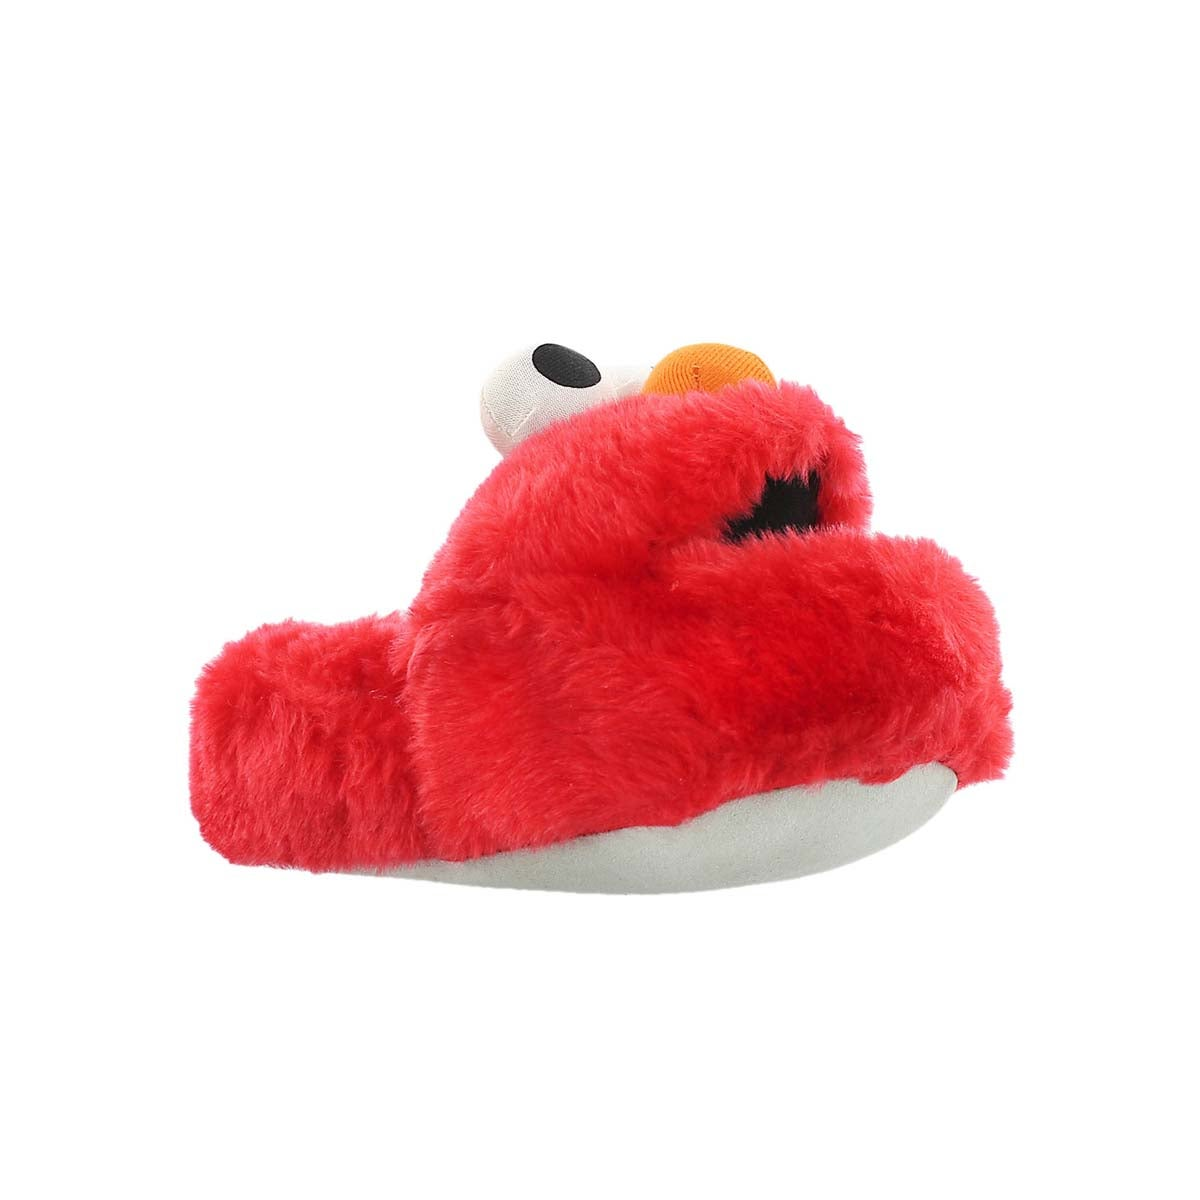 Pantoufles Elmo, rouge, bébés